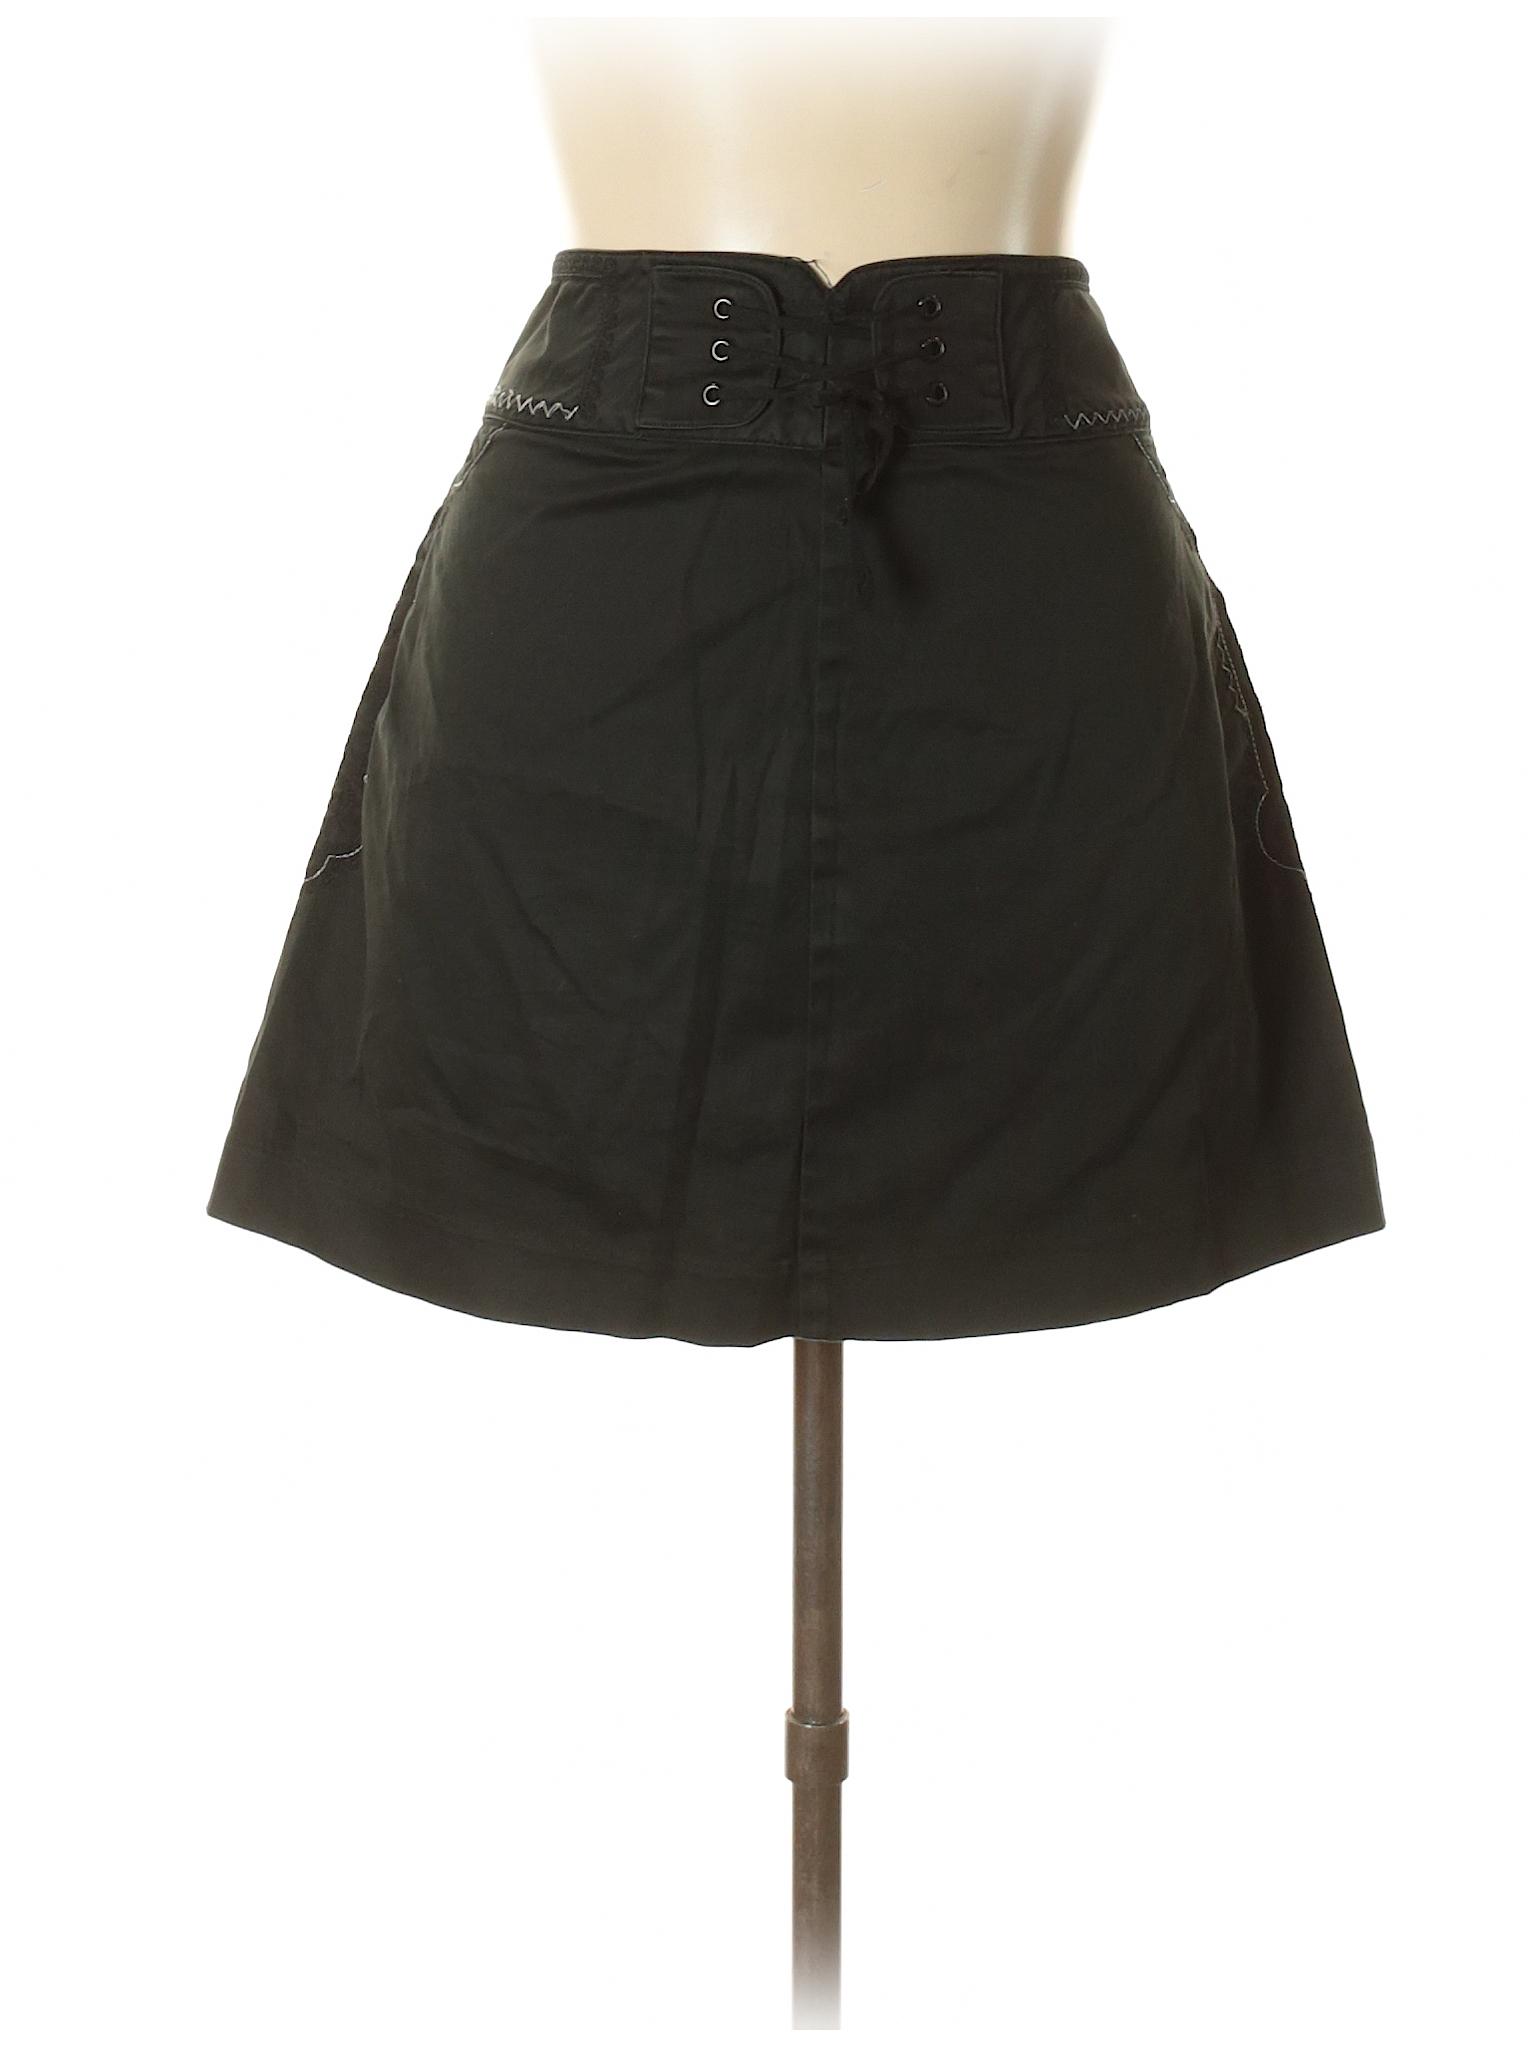 Boutique Casual Boutique Casual Skirt Boutique Skirt zqUawtf